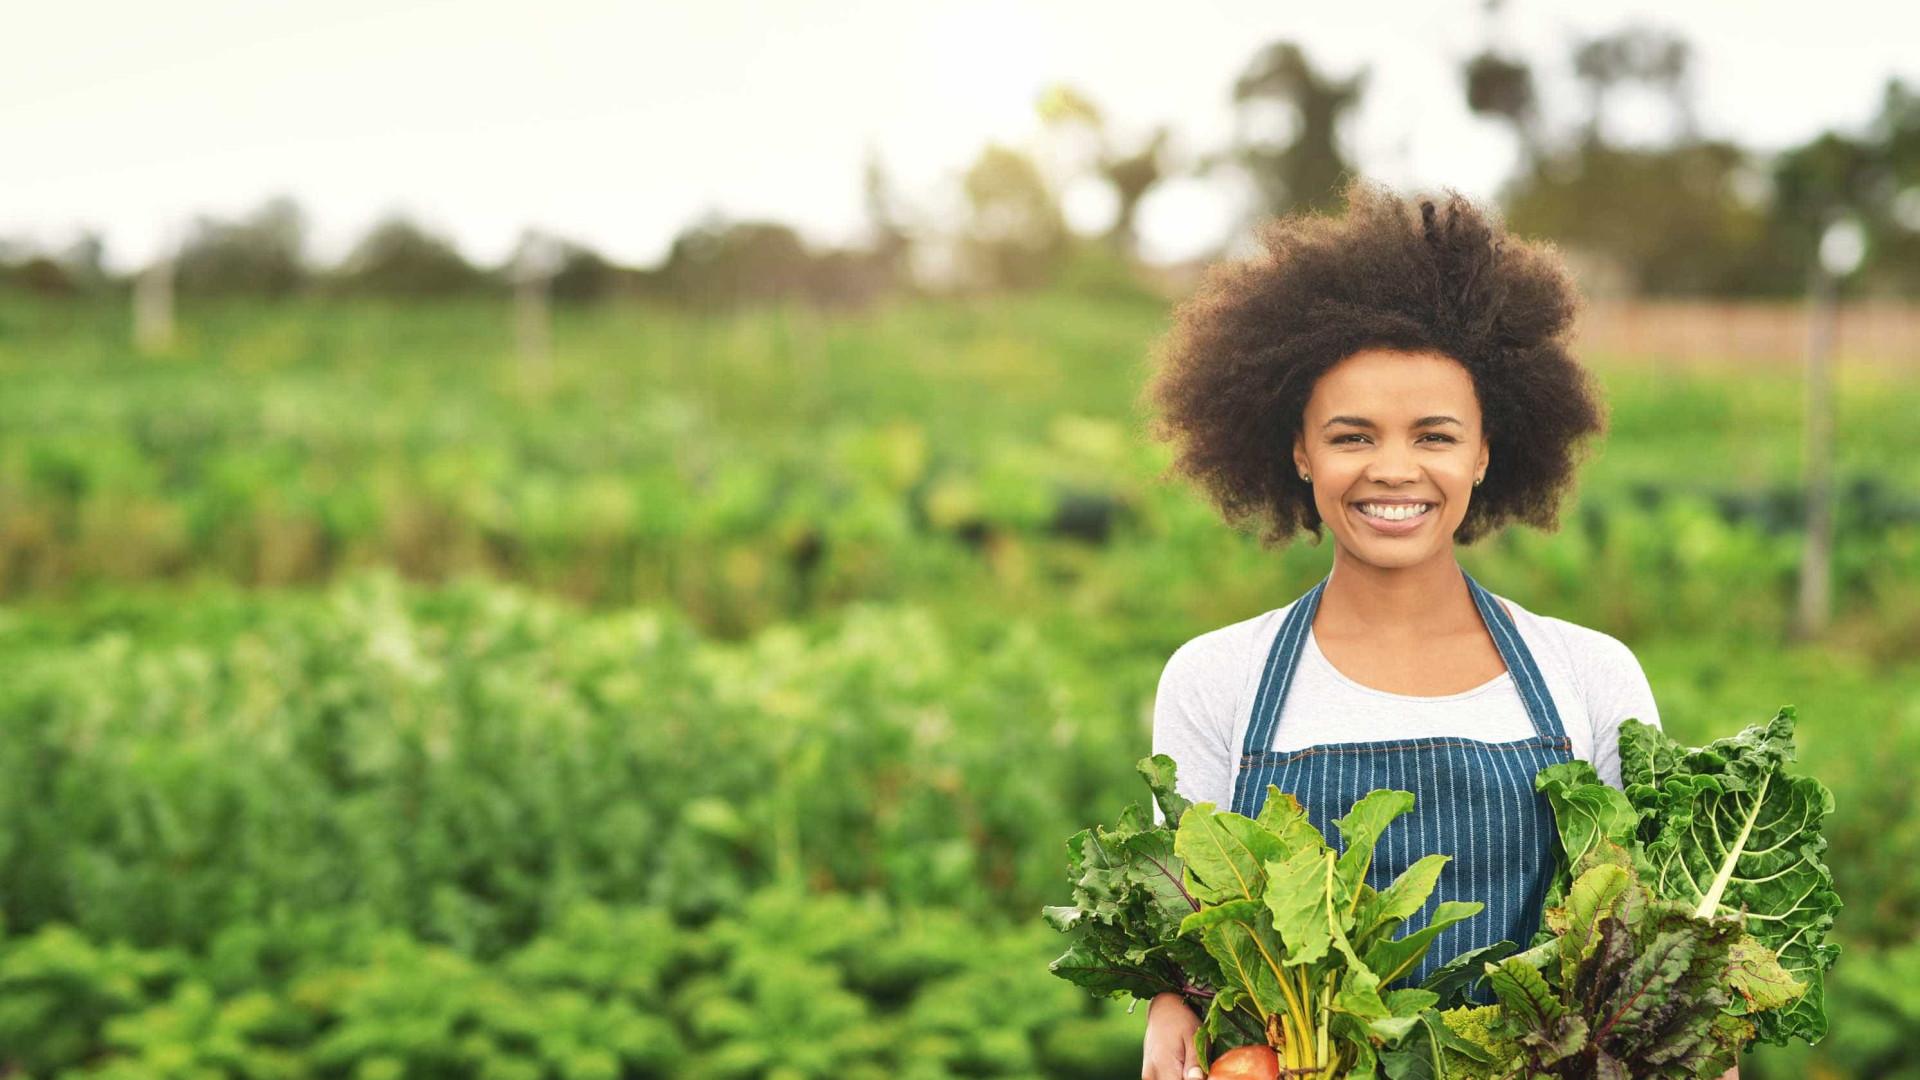 Consumir alimentos orgânicos reduz risco de câncer, aponta estudo